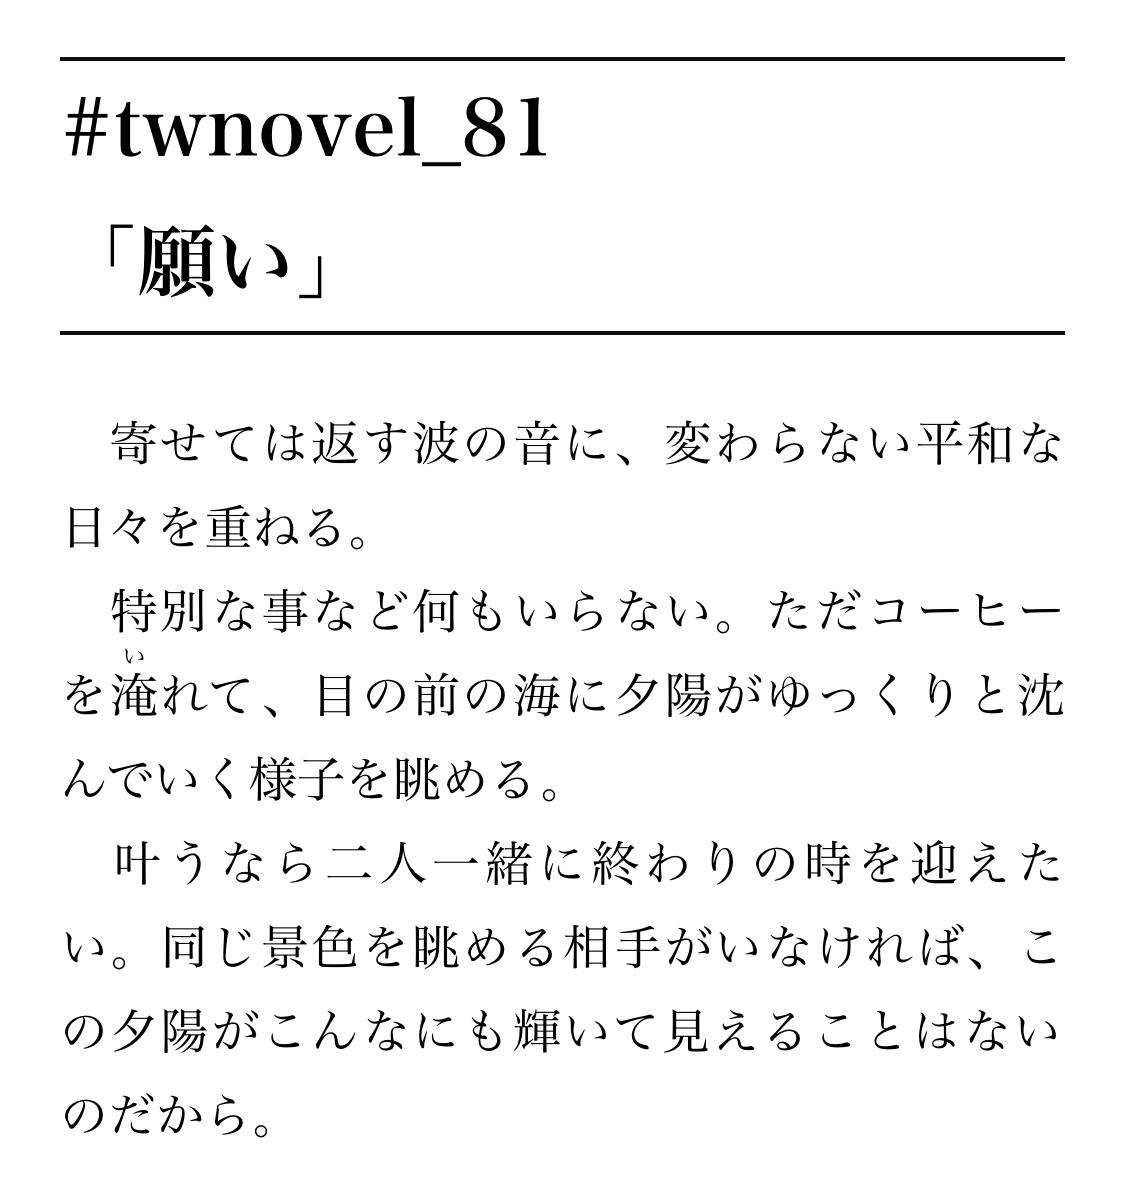 f:id:toshiharu_toukairin:20190511112208p:plain